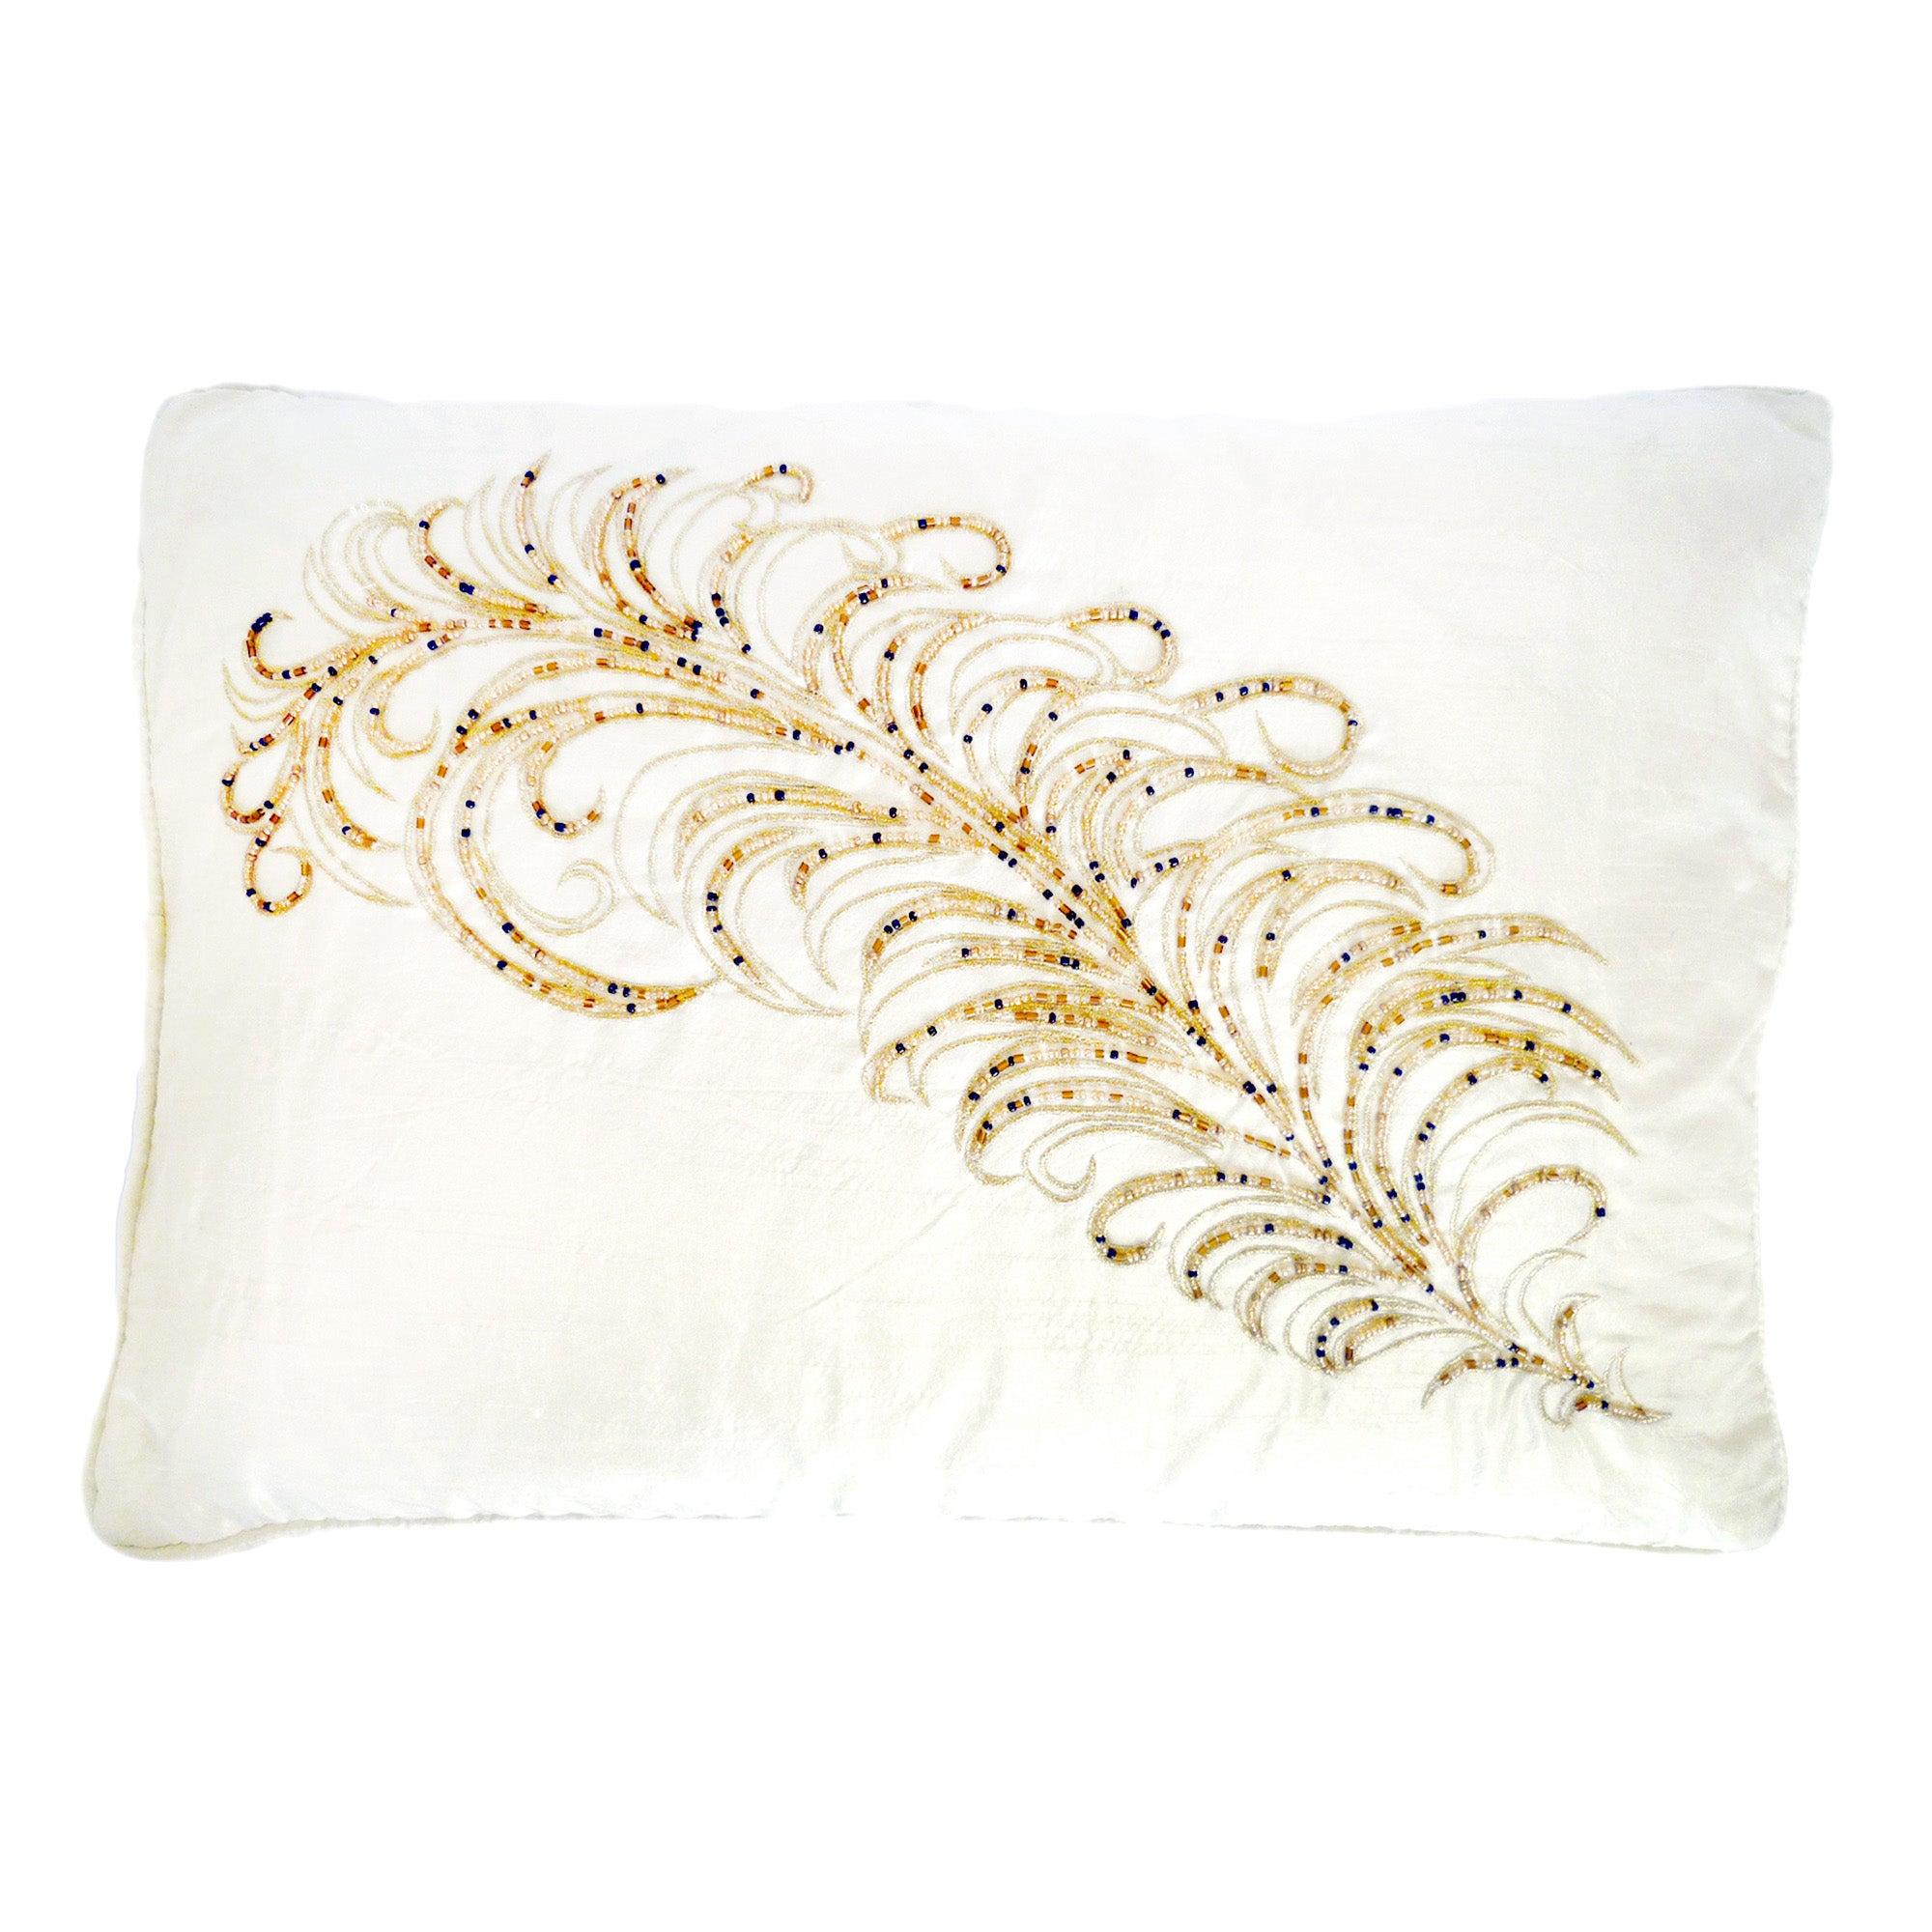 Beaded Feather Boudoir Cushion